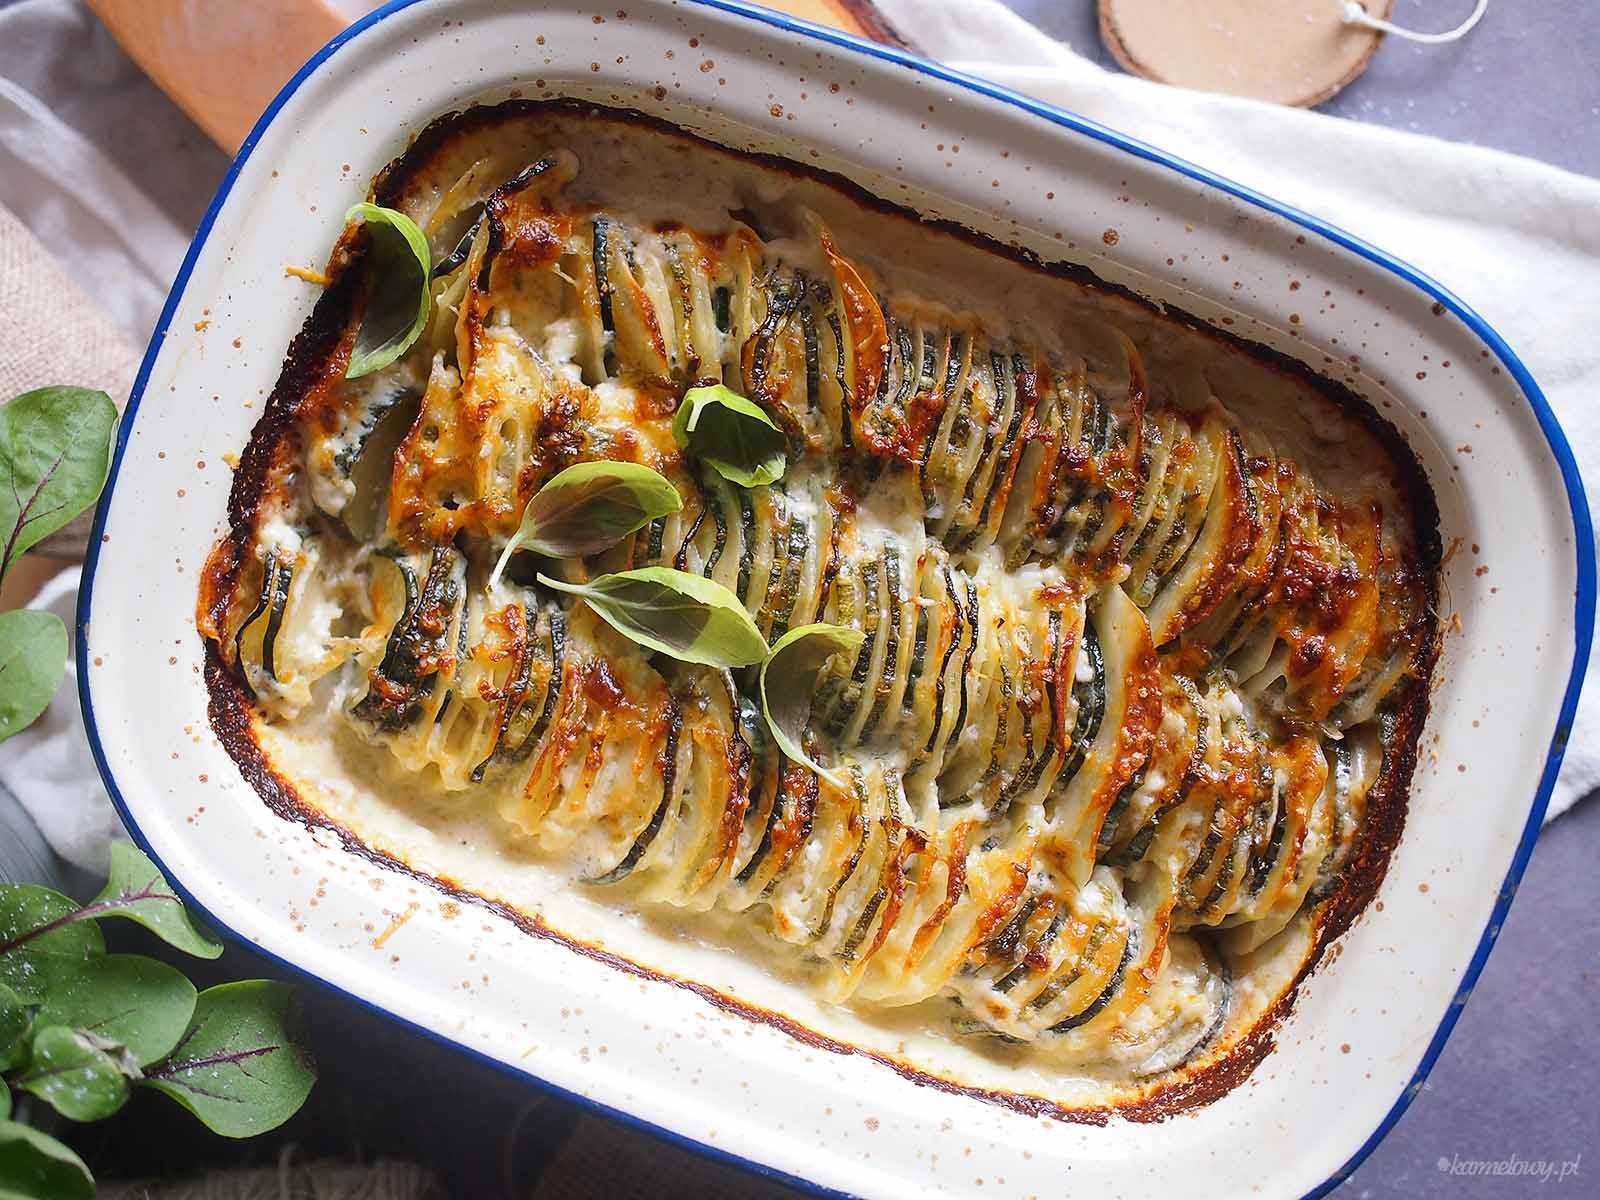 Ziemniaki-zapiekane-z-cukinia-i-serem-Cheesy-zucchini-potato-bake